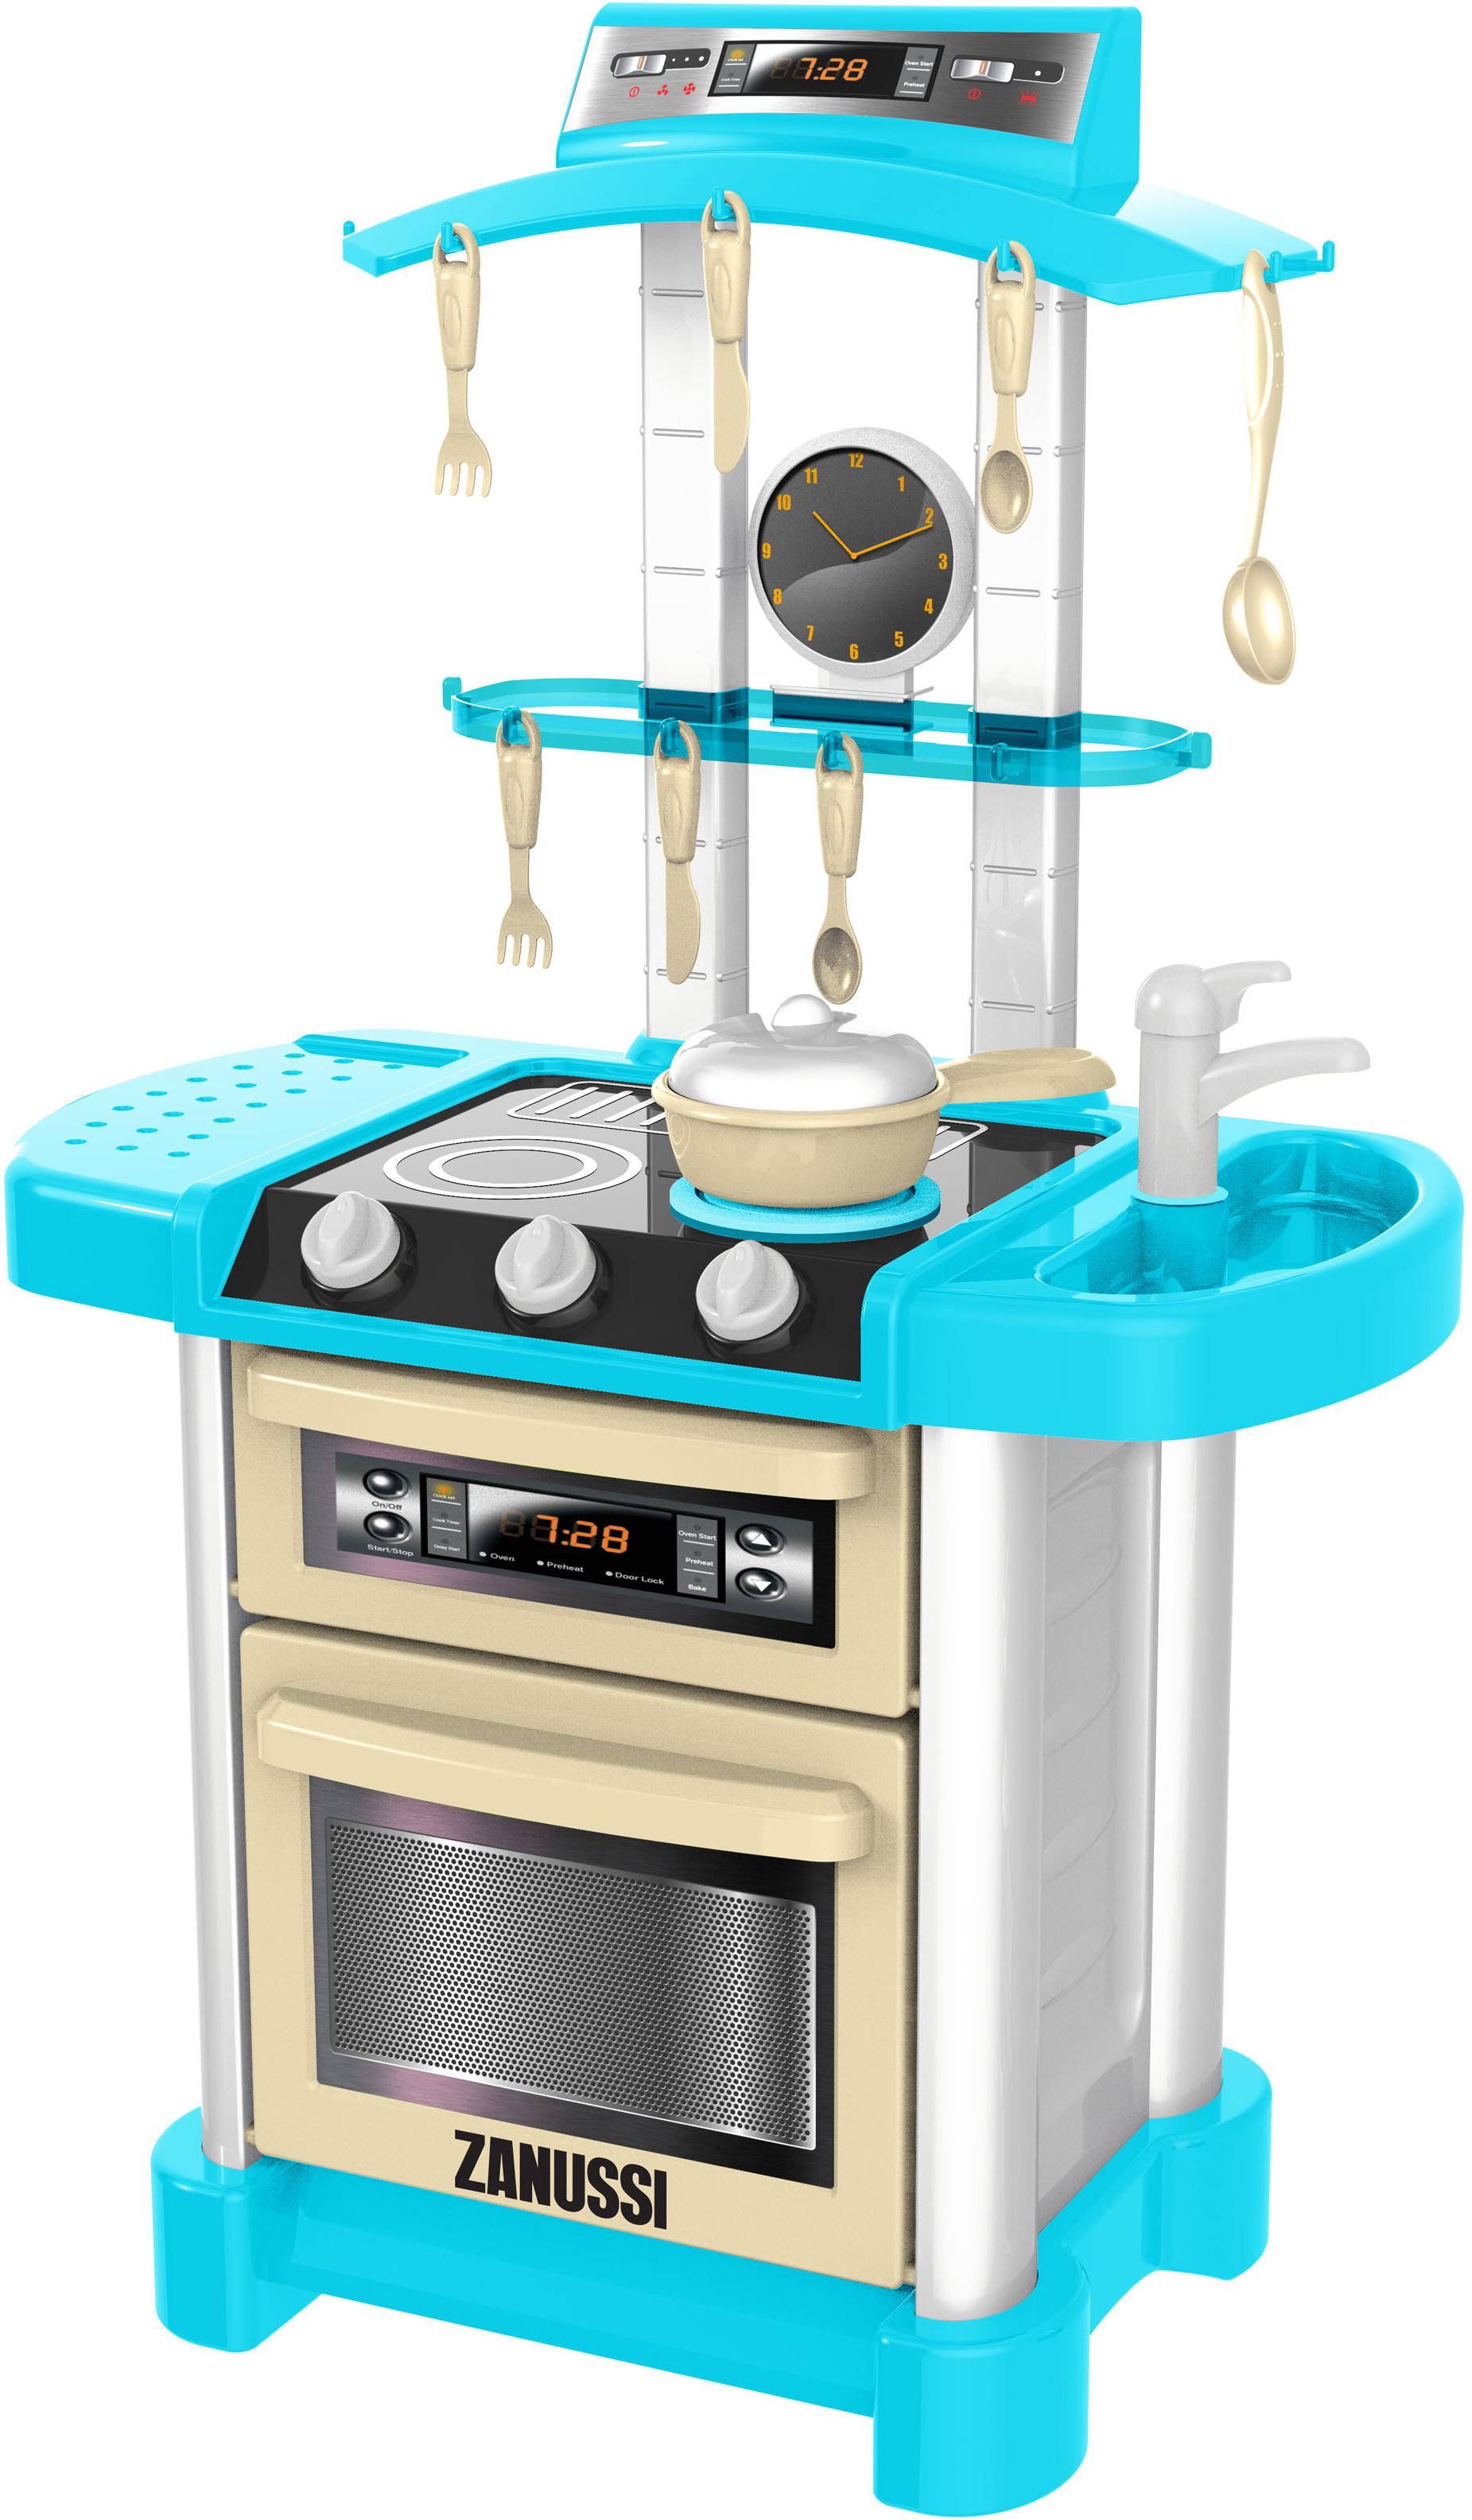 Купить Большая электронная кухня, model, 1шт., HTI 1684053.00, Китай, Женский